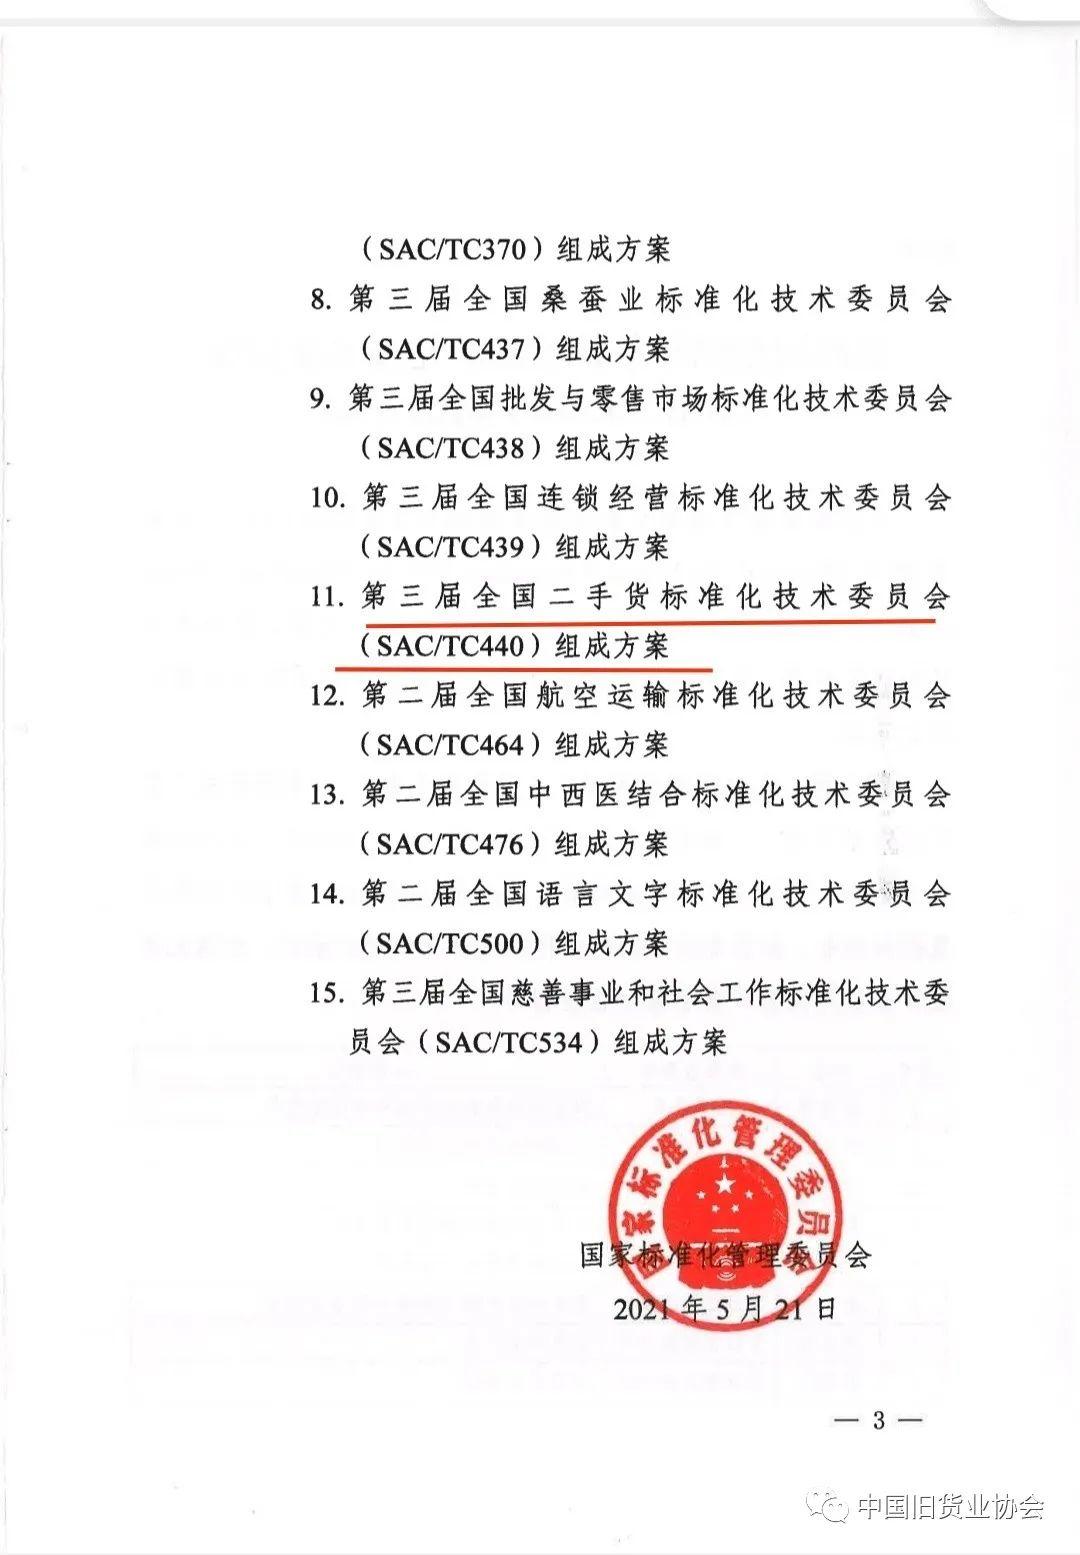 爱博绿成为国家标准化管理委员会会员